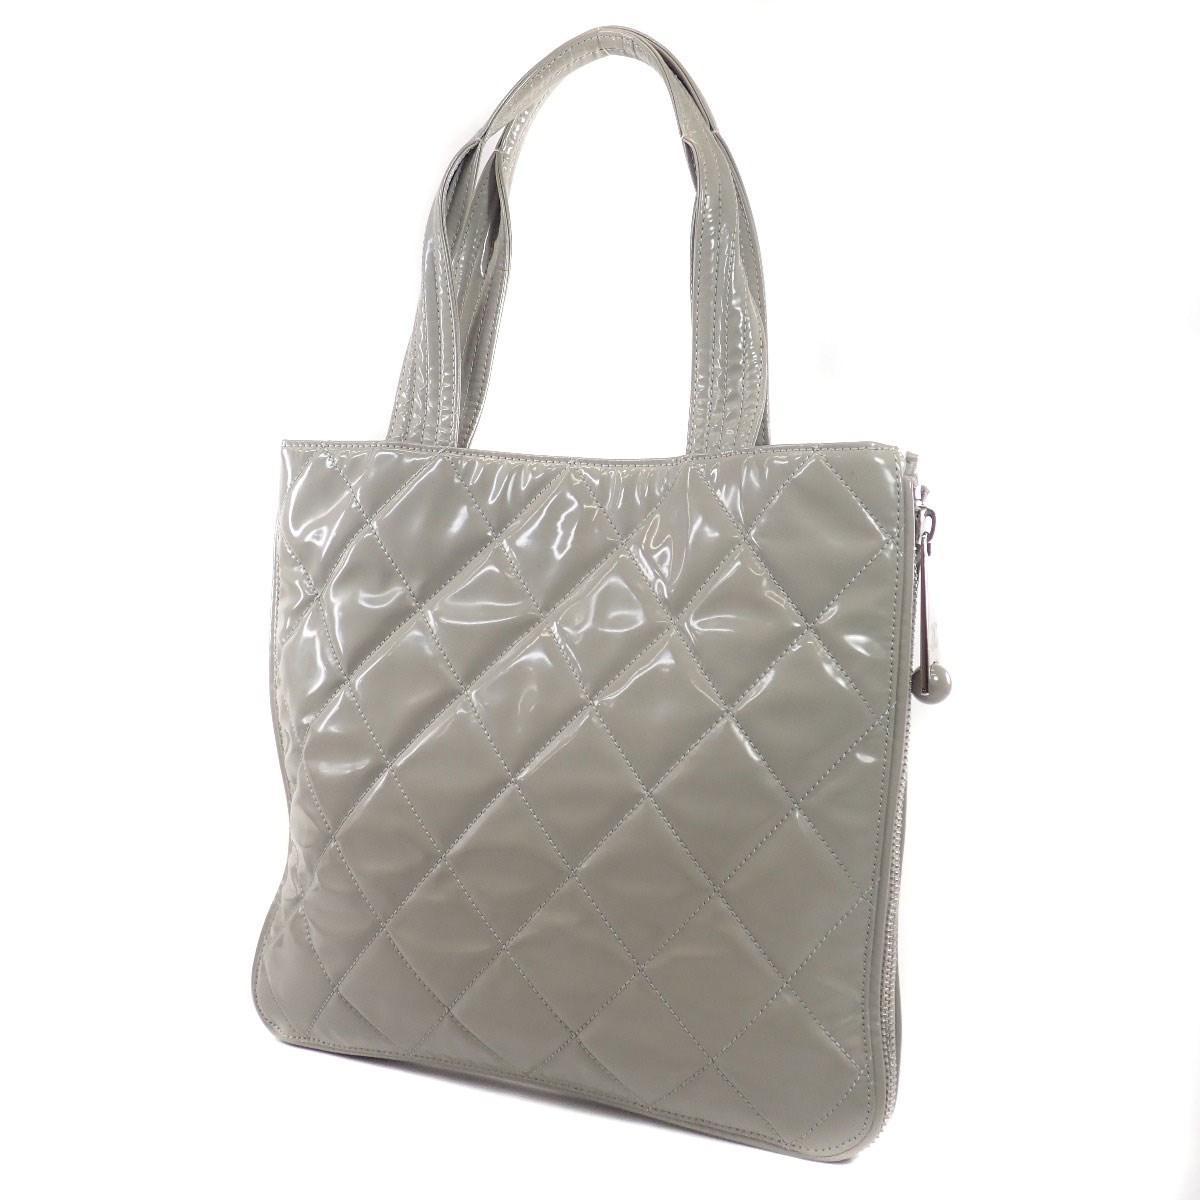 288938b38b2 Lyst - Chanel Plastics Tote Bag Coco Mark in Gray